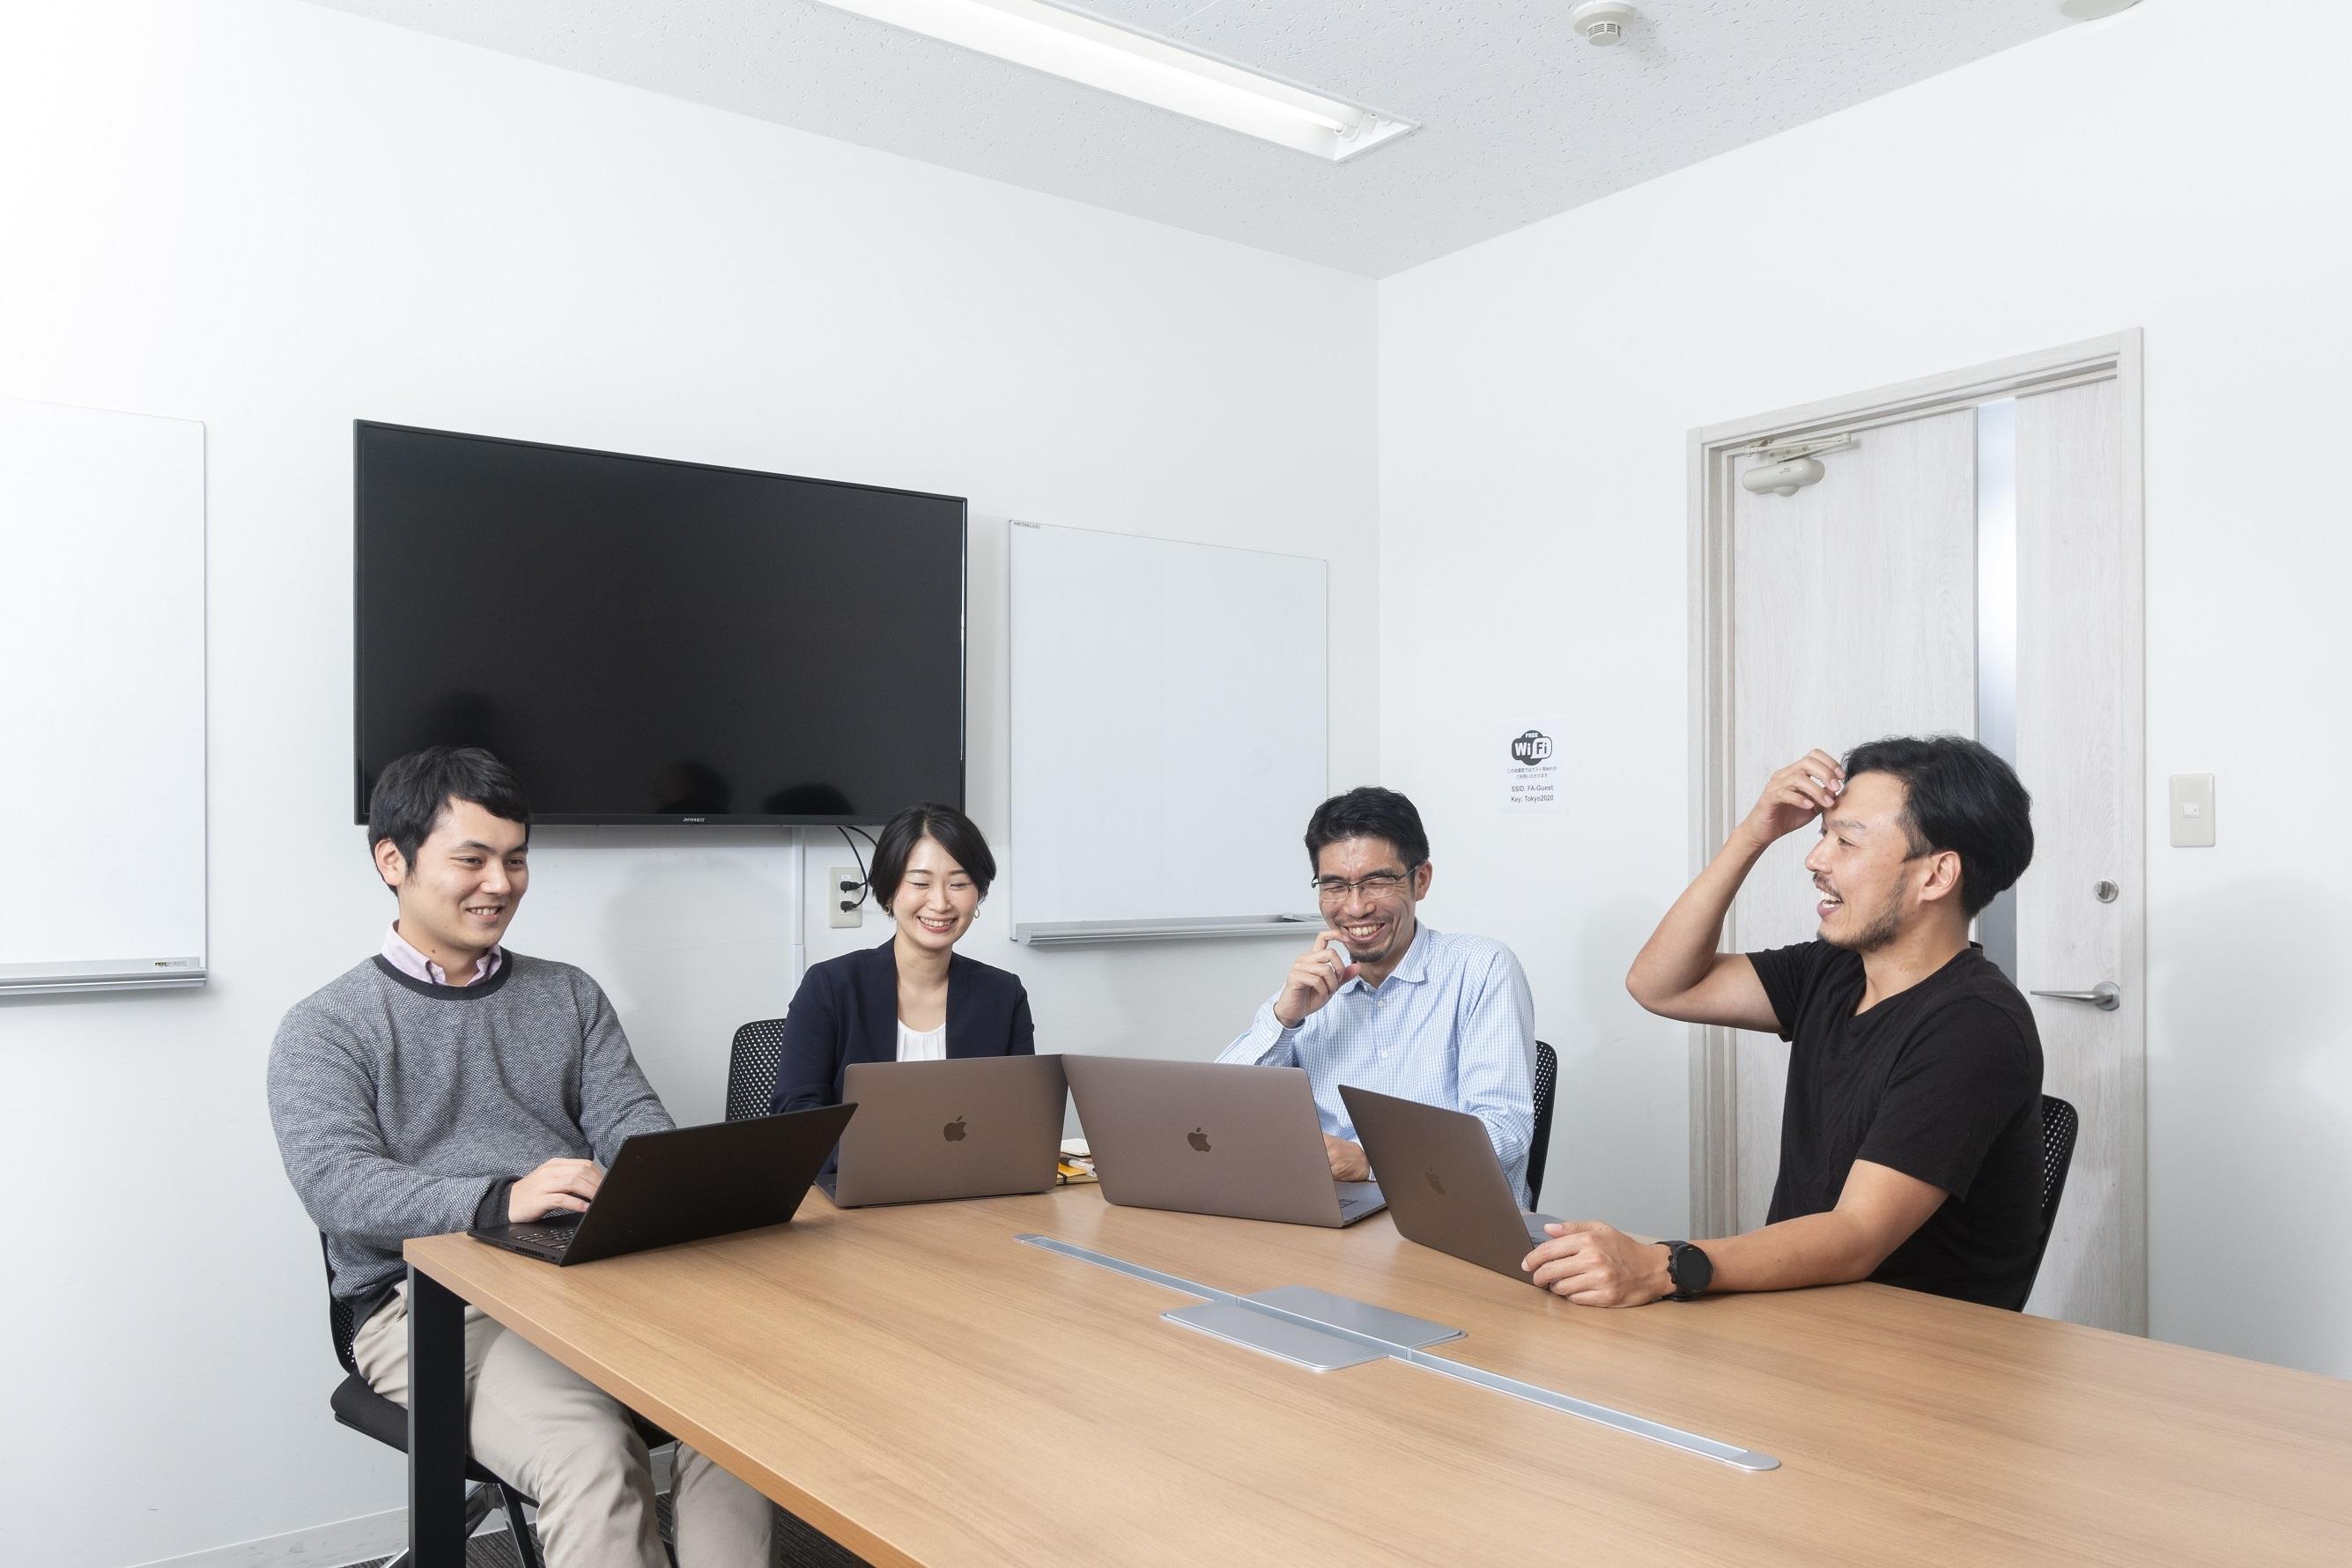 【業務委託】会計領域の課題を解決する特化型AIサービスのフロントエンドエンジニア大募集!